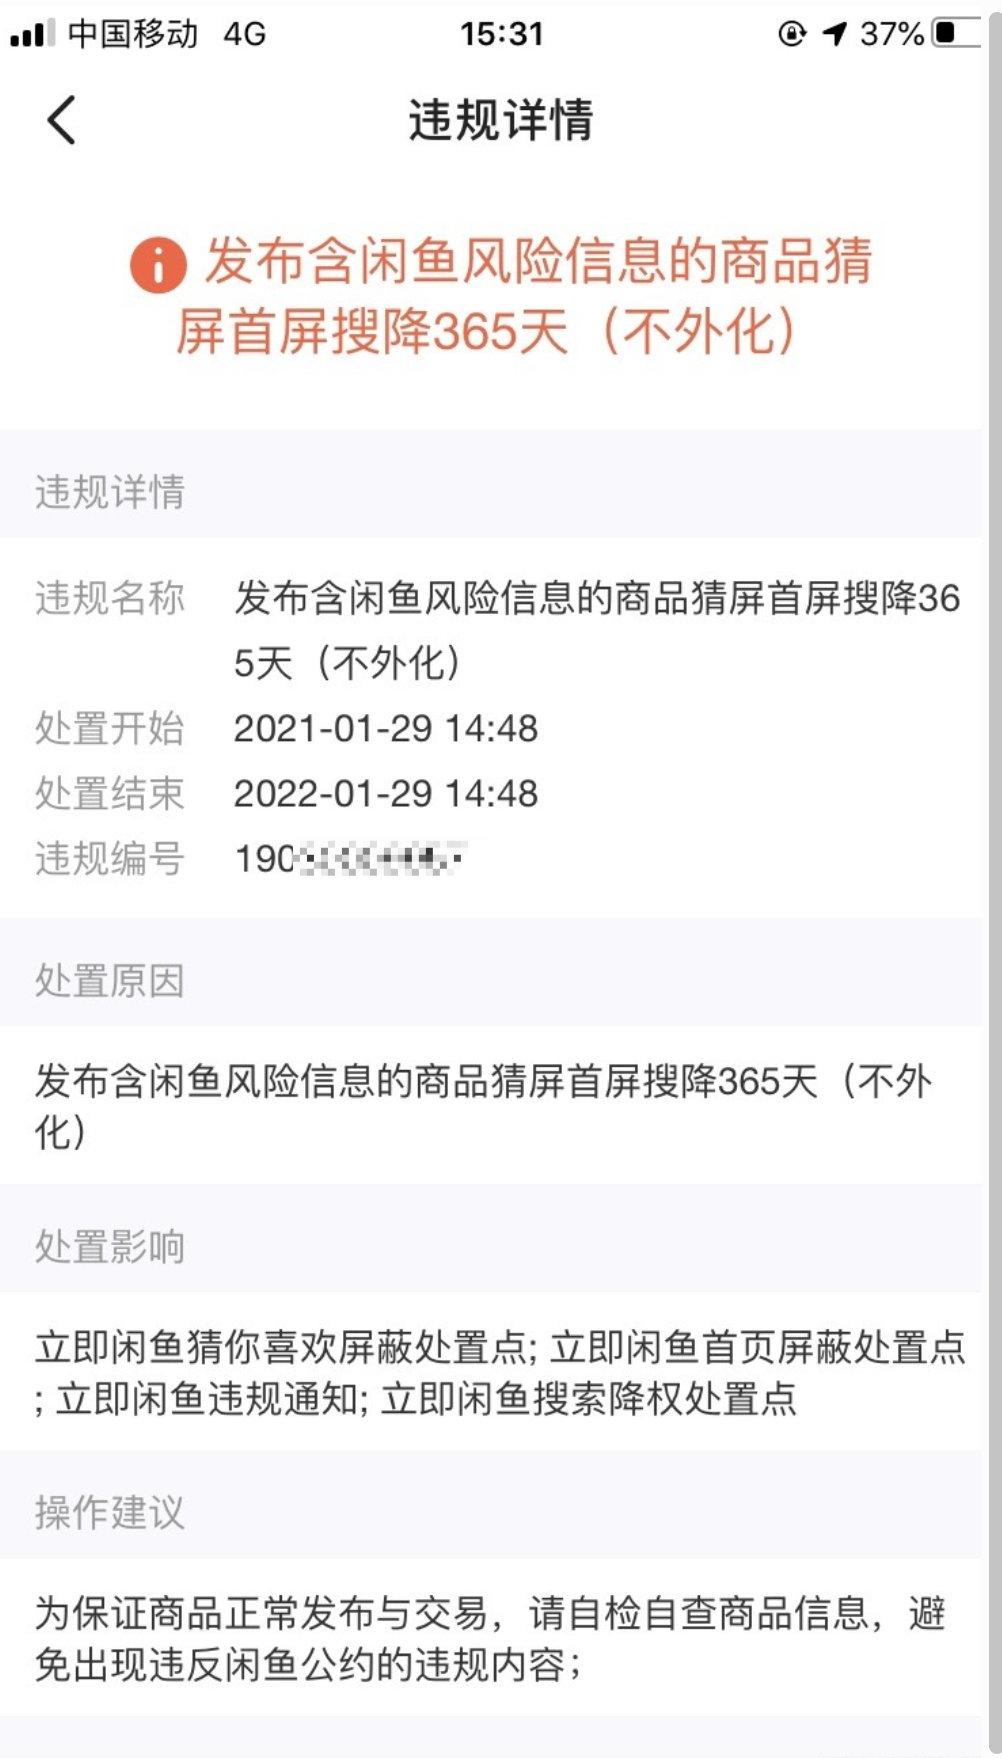 闲鱼提示发布含闲鱼风险信息的商品,猜屏首屏搜降365天(不外化),怎么办?